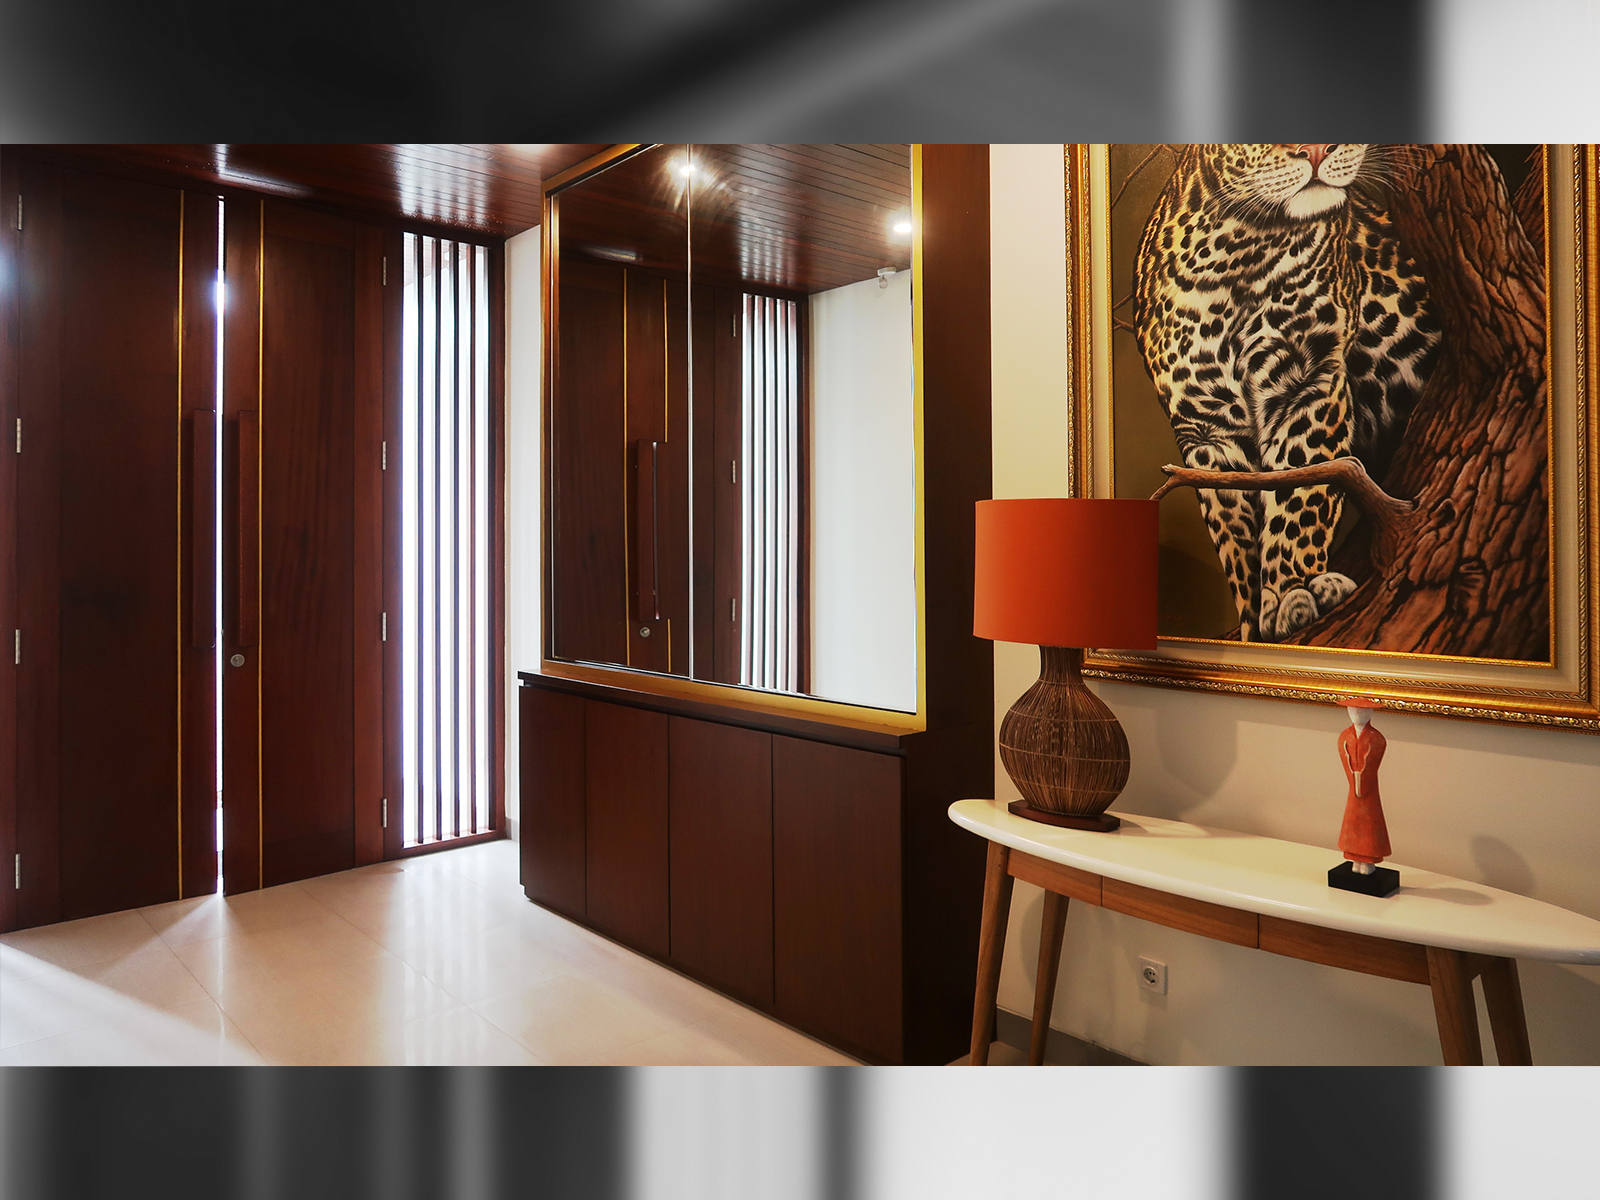 Villa ketewel Arttrea project